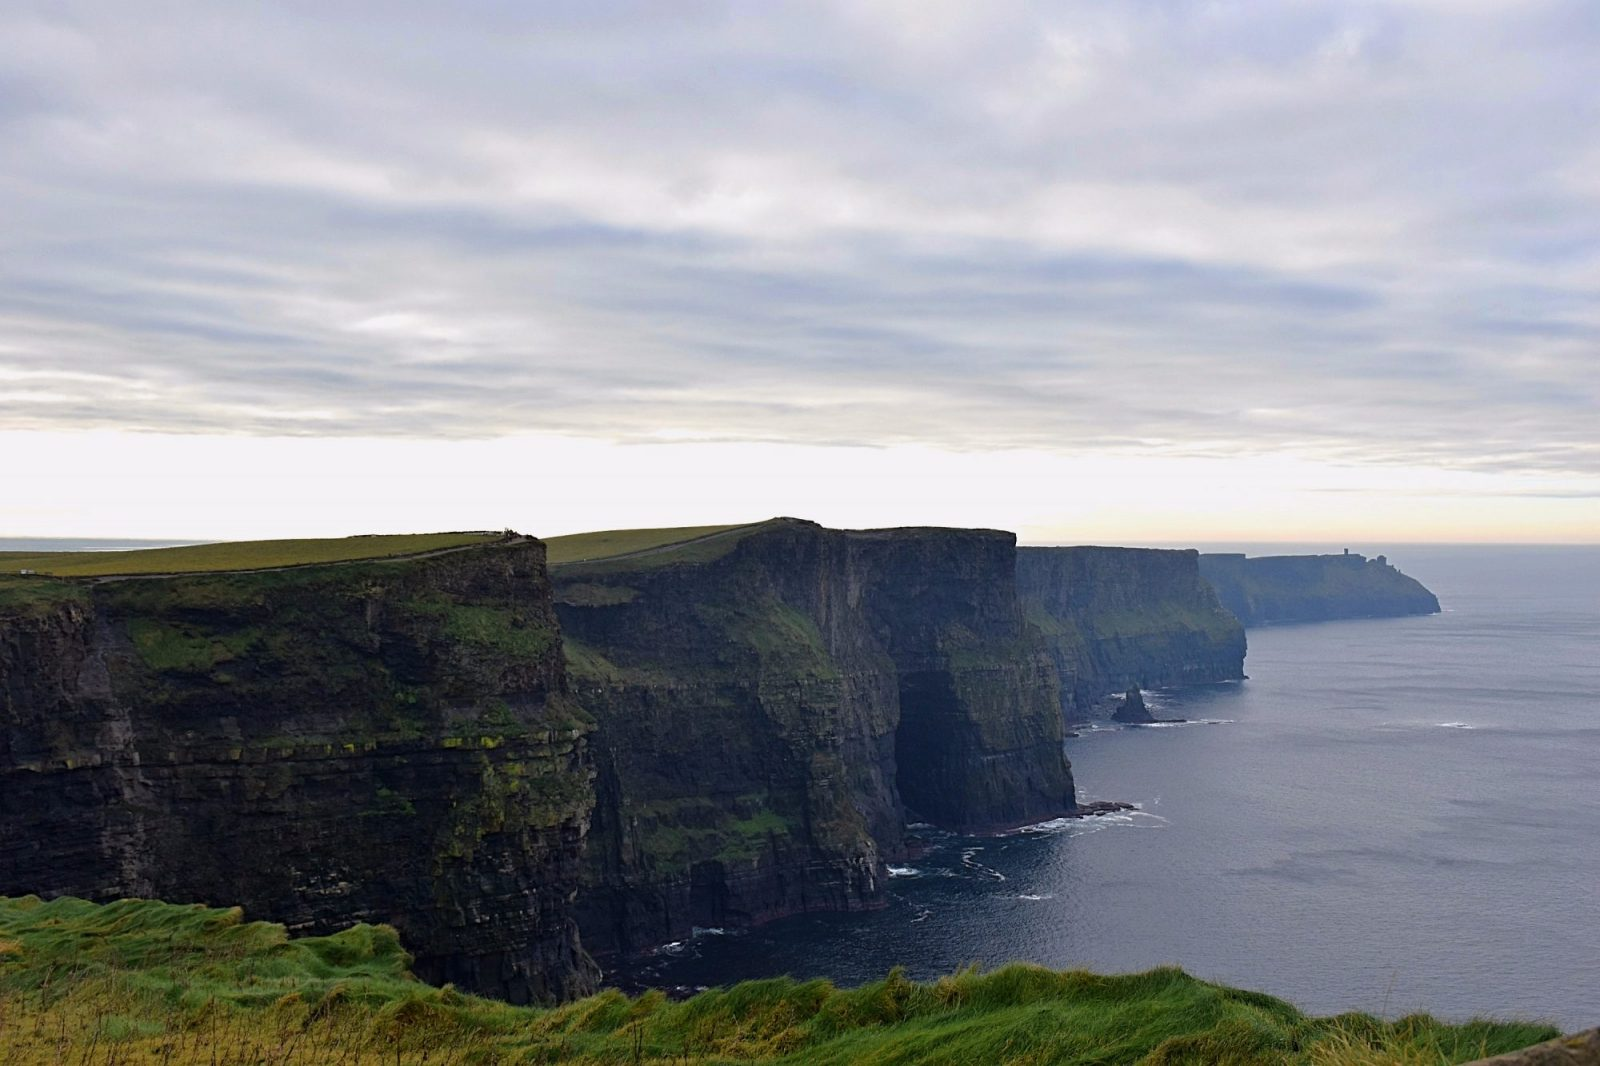 cliffs of moher near dublin